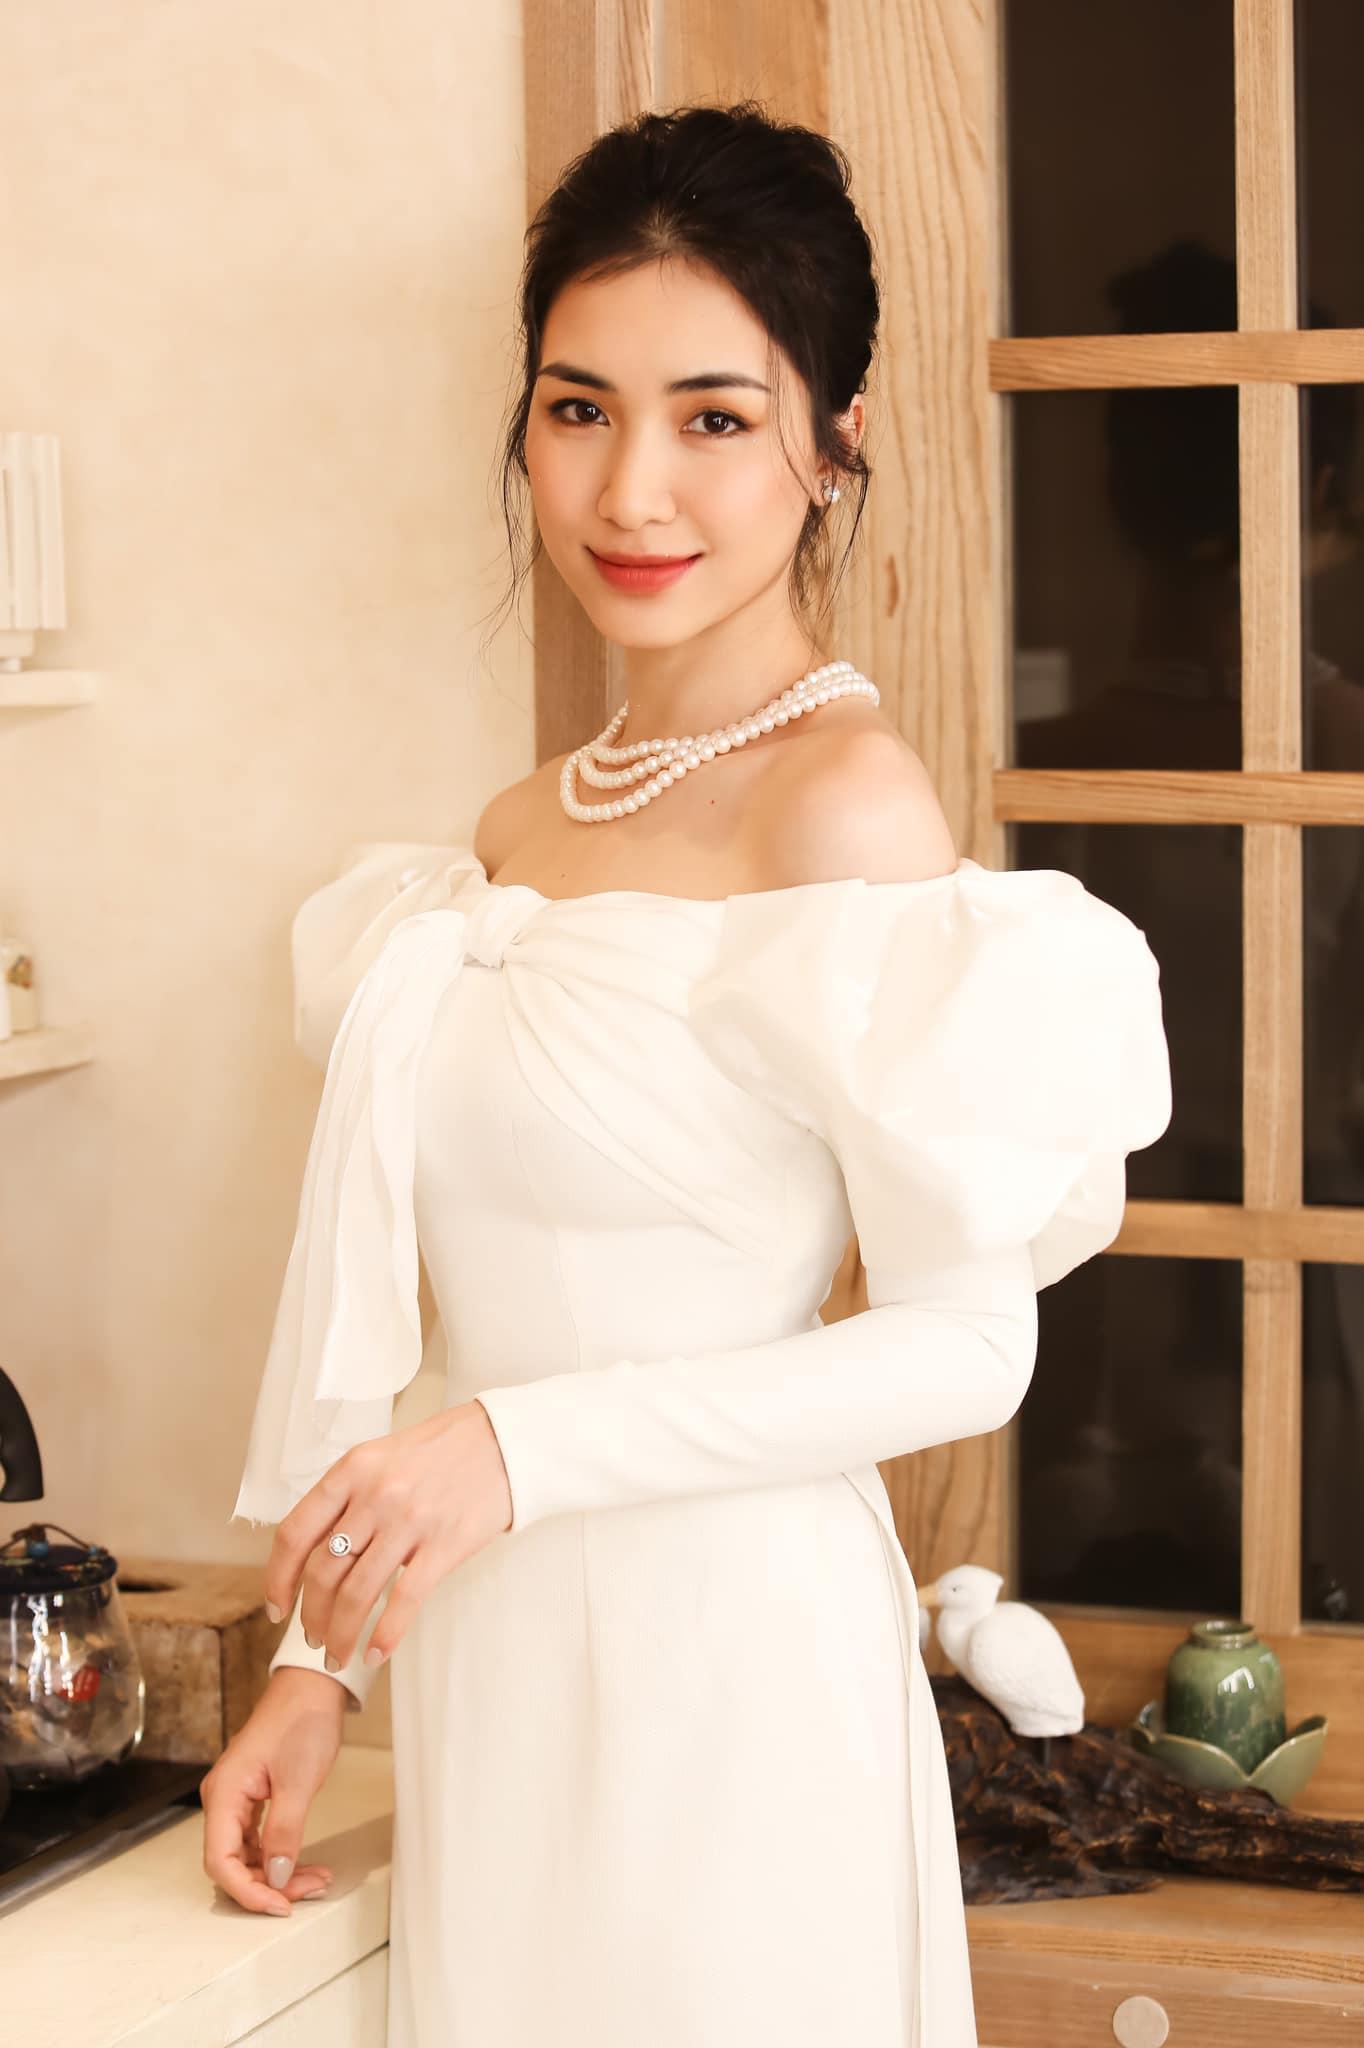 """Sống như """"bà hoàng"""" cùng giám đốc công ty phân bón, Hoà Minzy bất ngờ nói về giải nghệ - 1"""